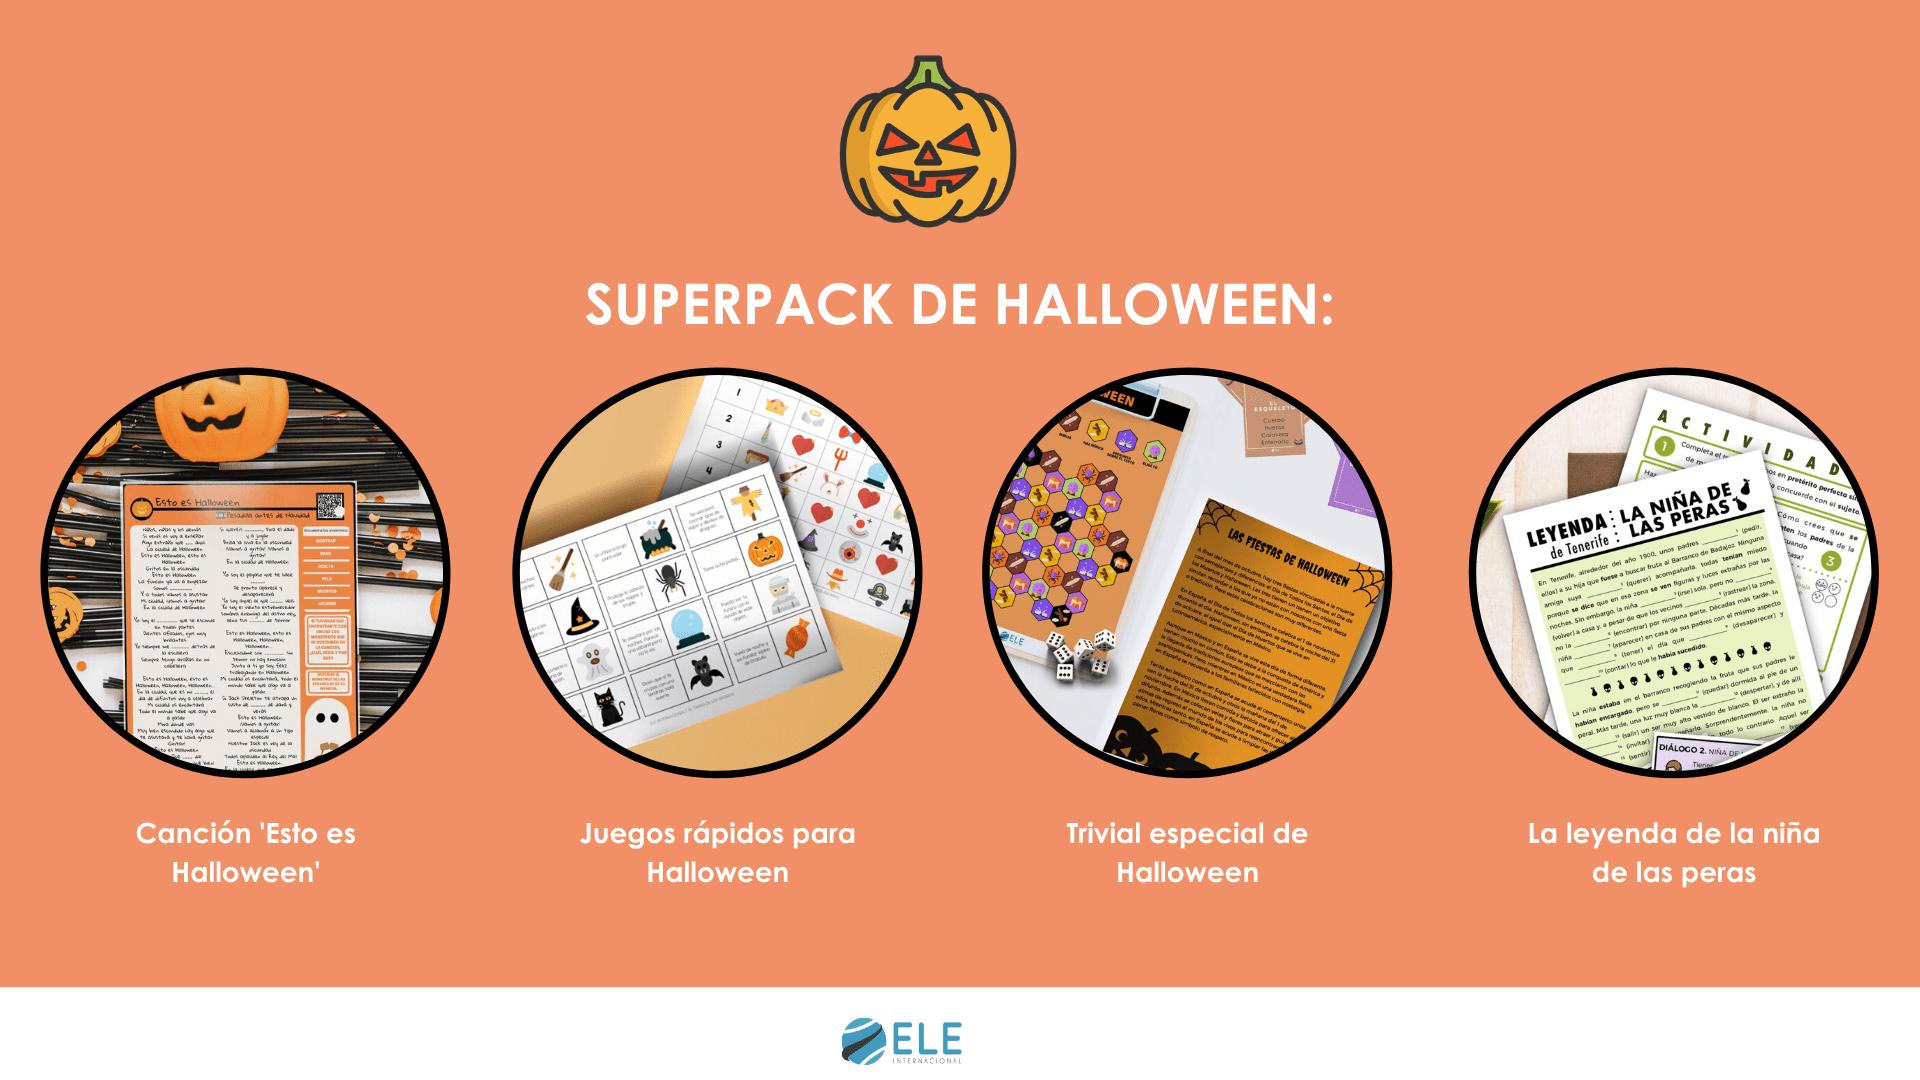 Superpack de halloween